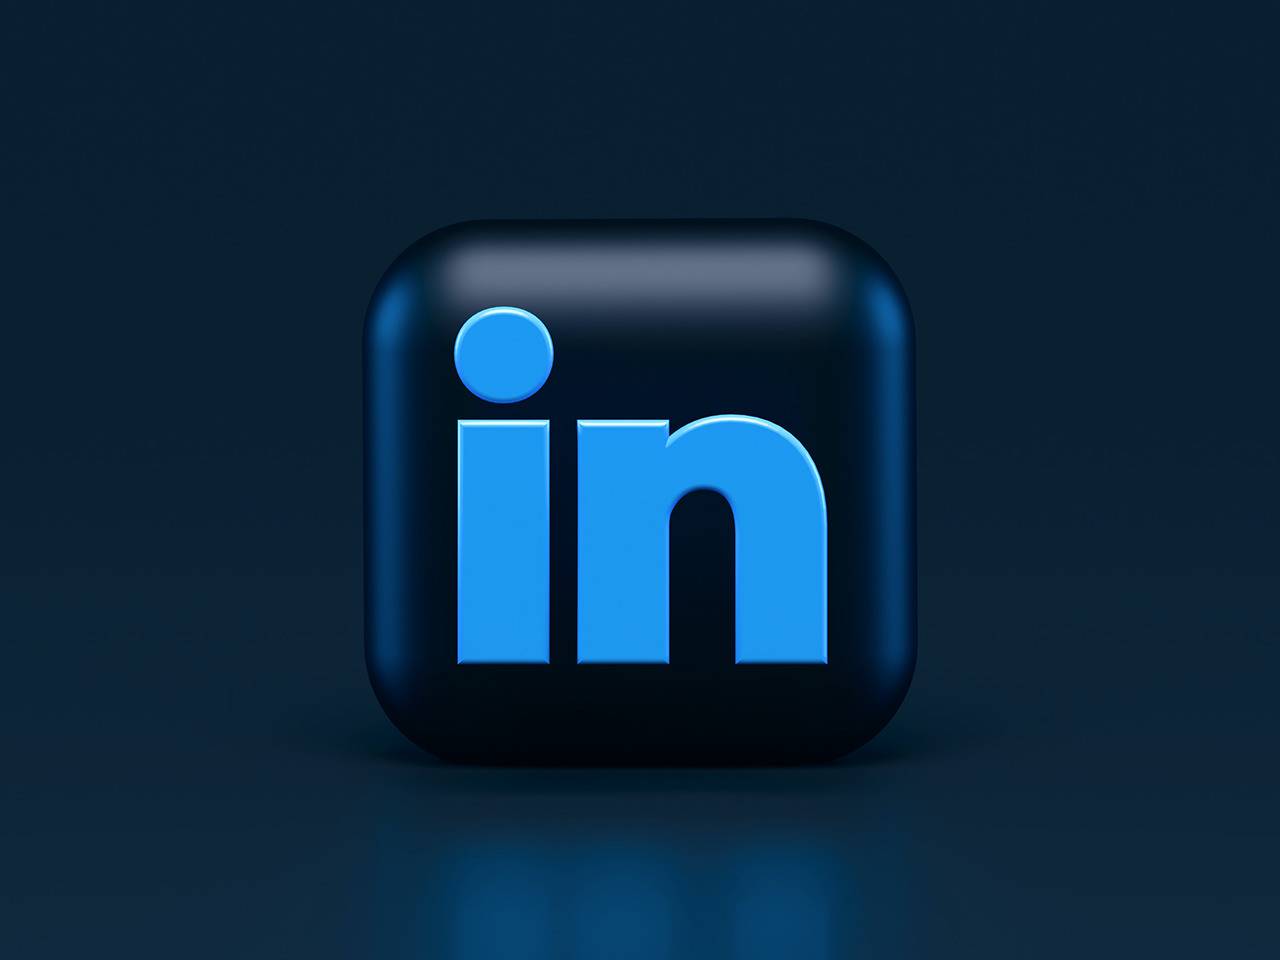 linkedinicon3d